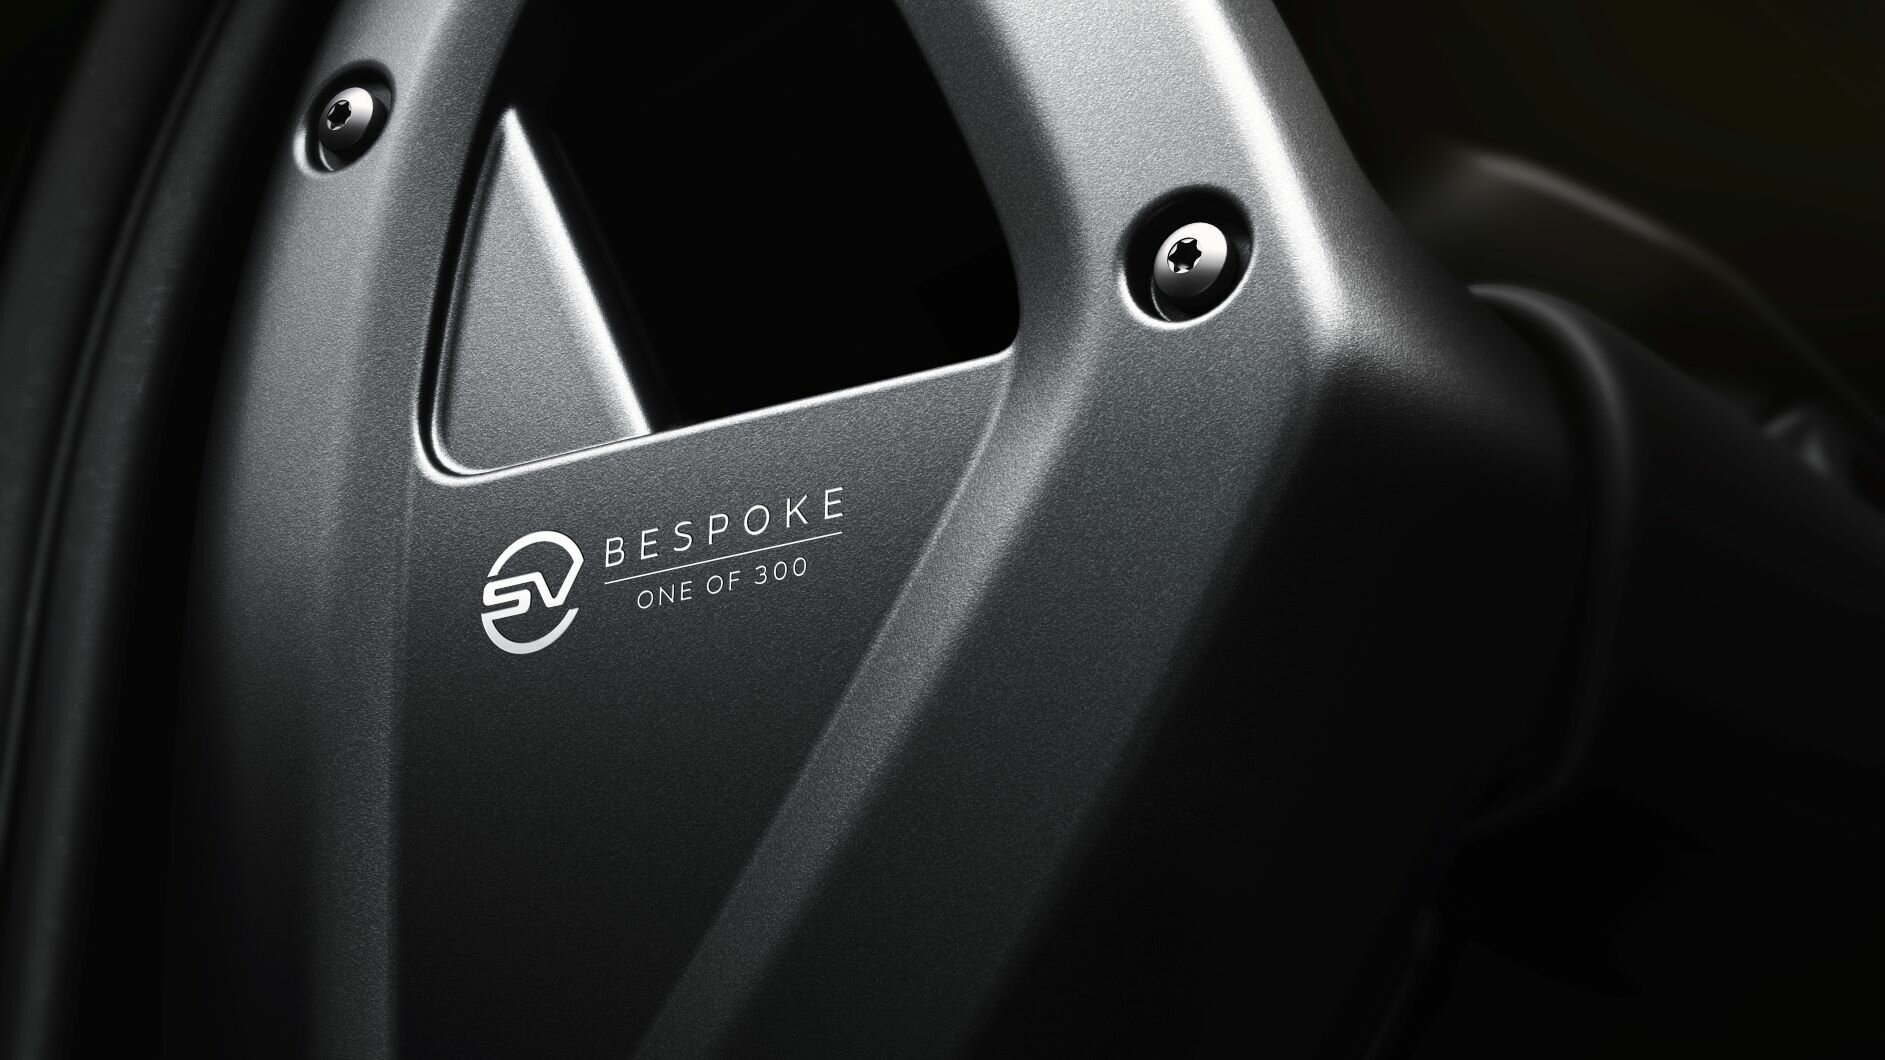 Интерьер версии отличается лазерной маркировкой и логотипом SV Bespoke